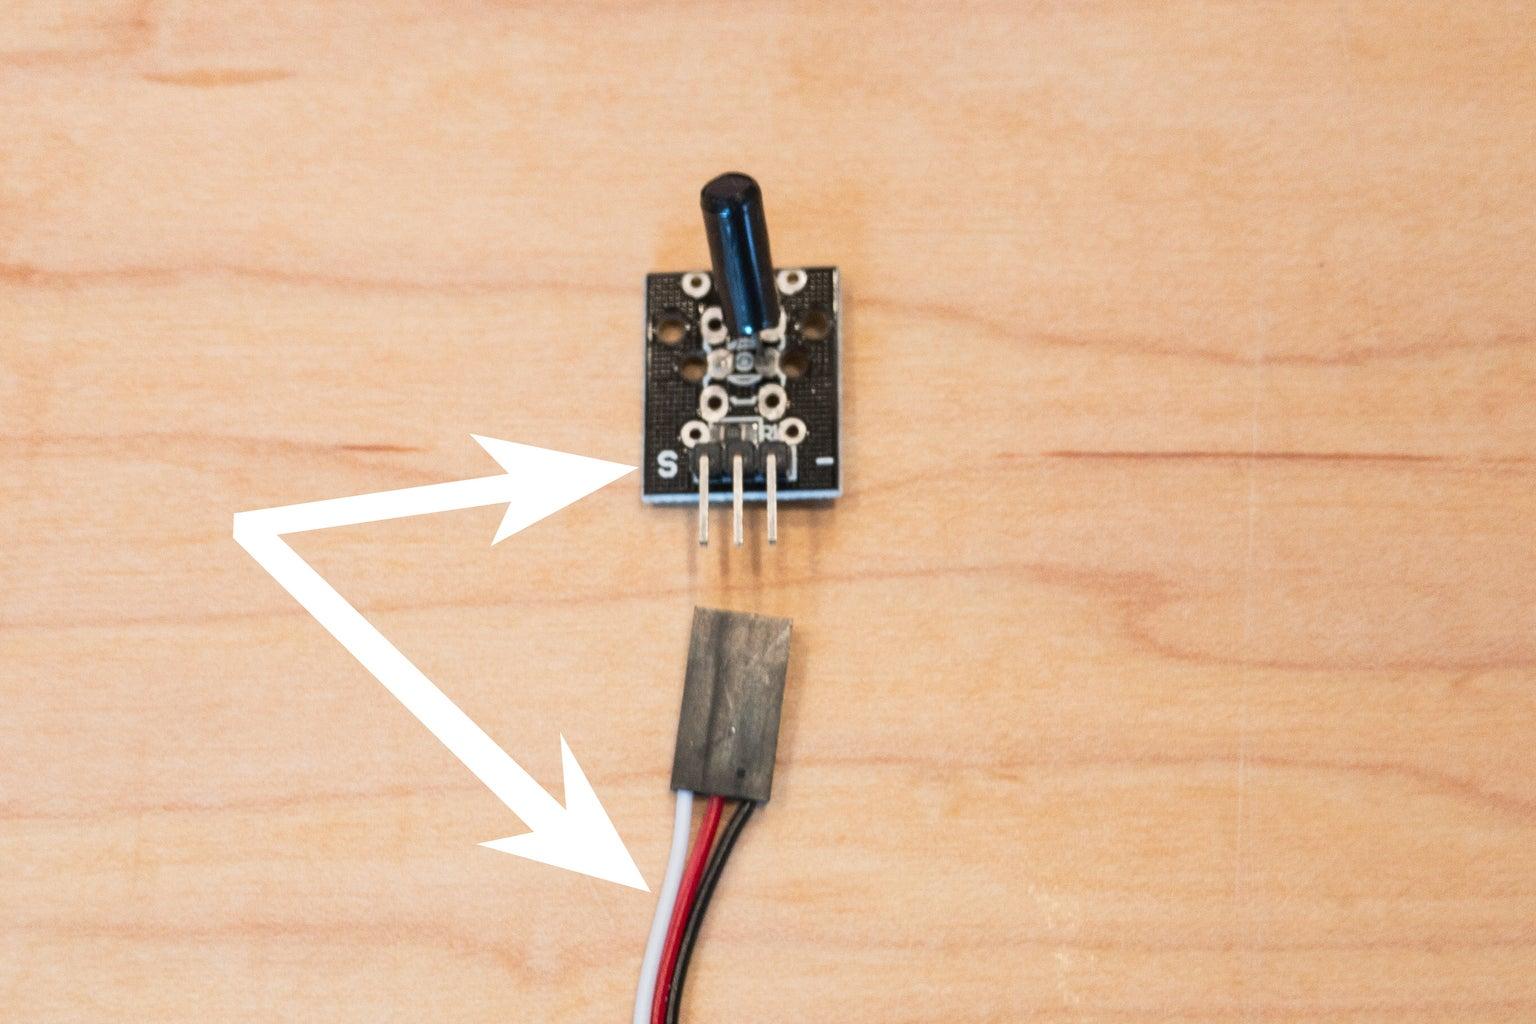 Connect a Sensor